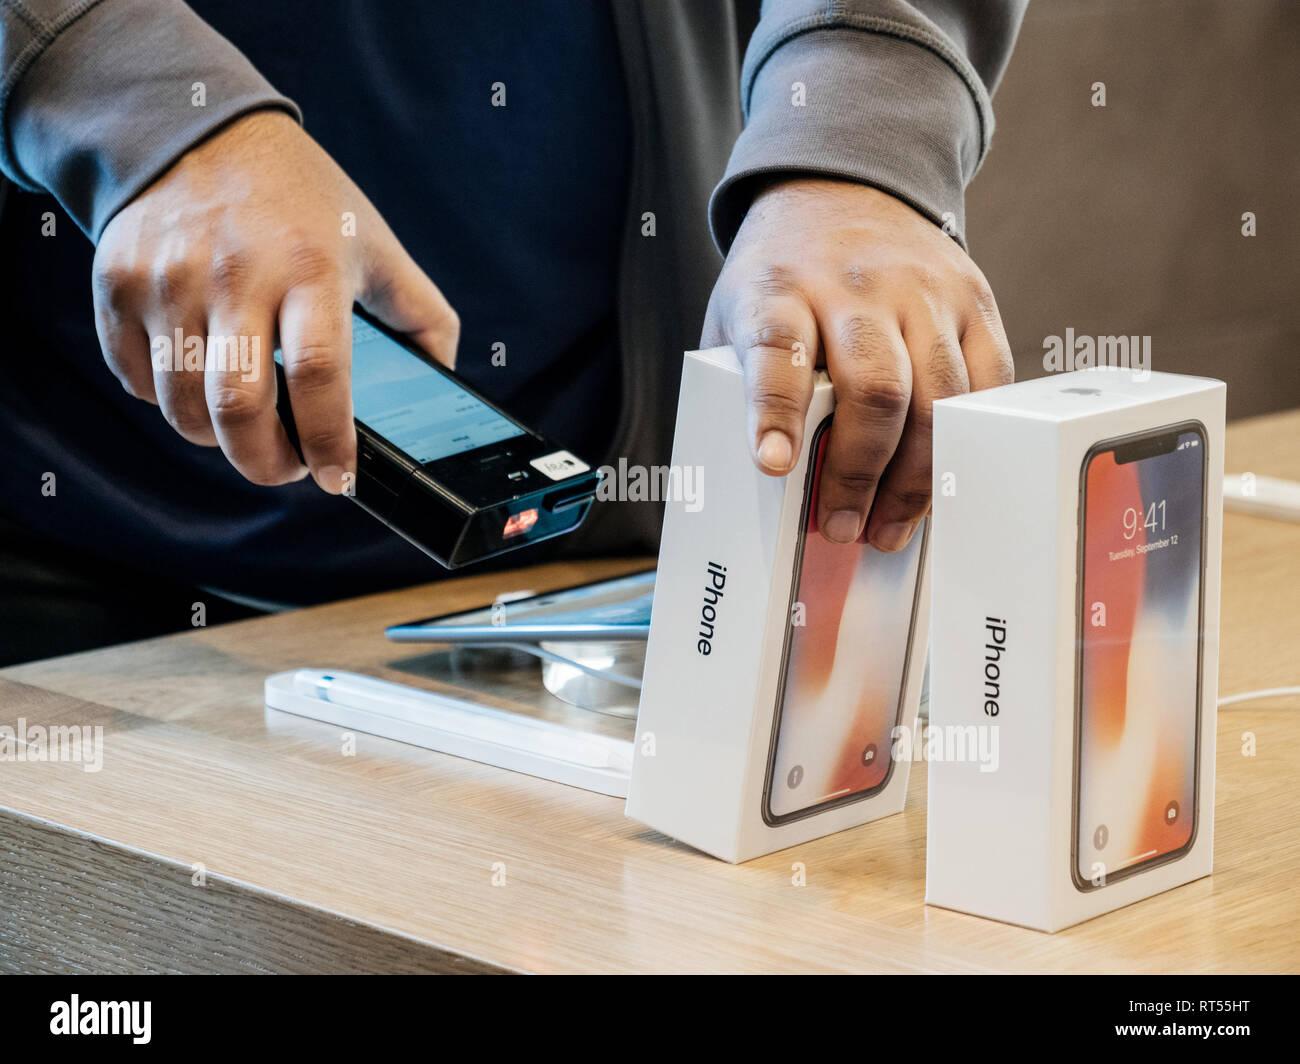 STRASBOURG, FRANCE - Nov 3, 2017: analyse vendeur code barres de la dernière version d'iPhone X 10 smartphone avant d'acheter à la boutique Apple Computers Photo Stock